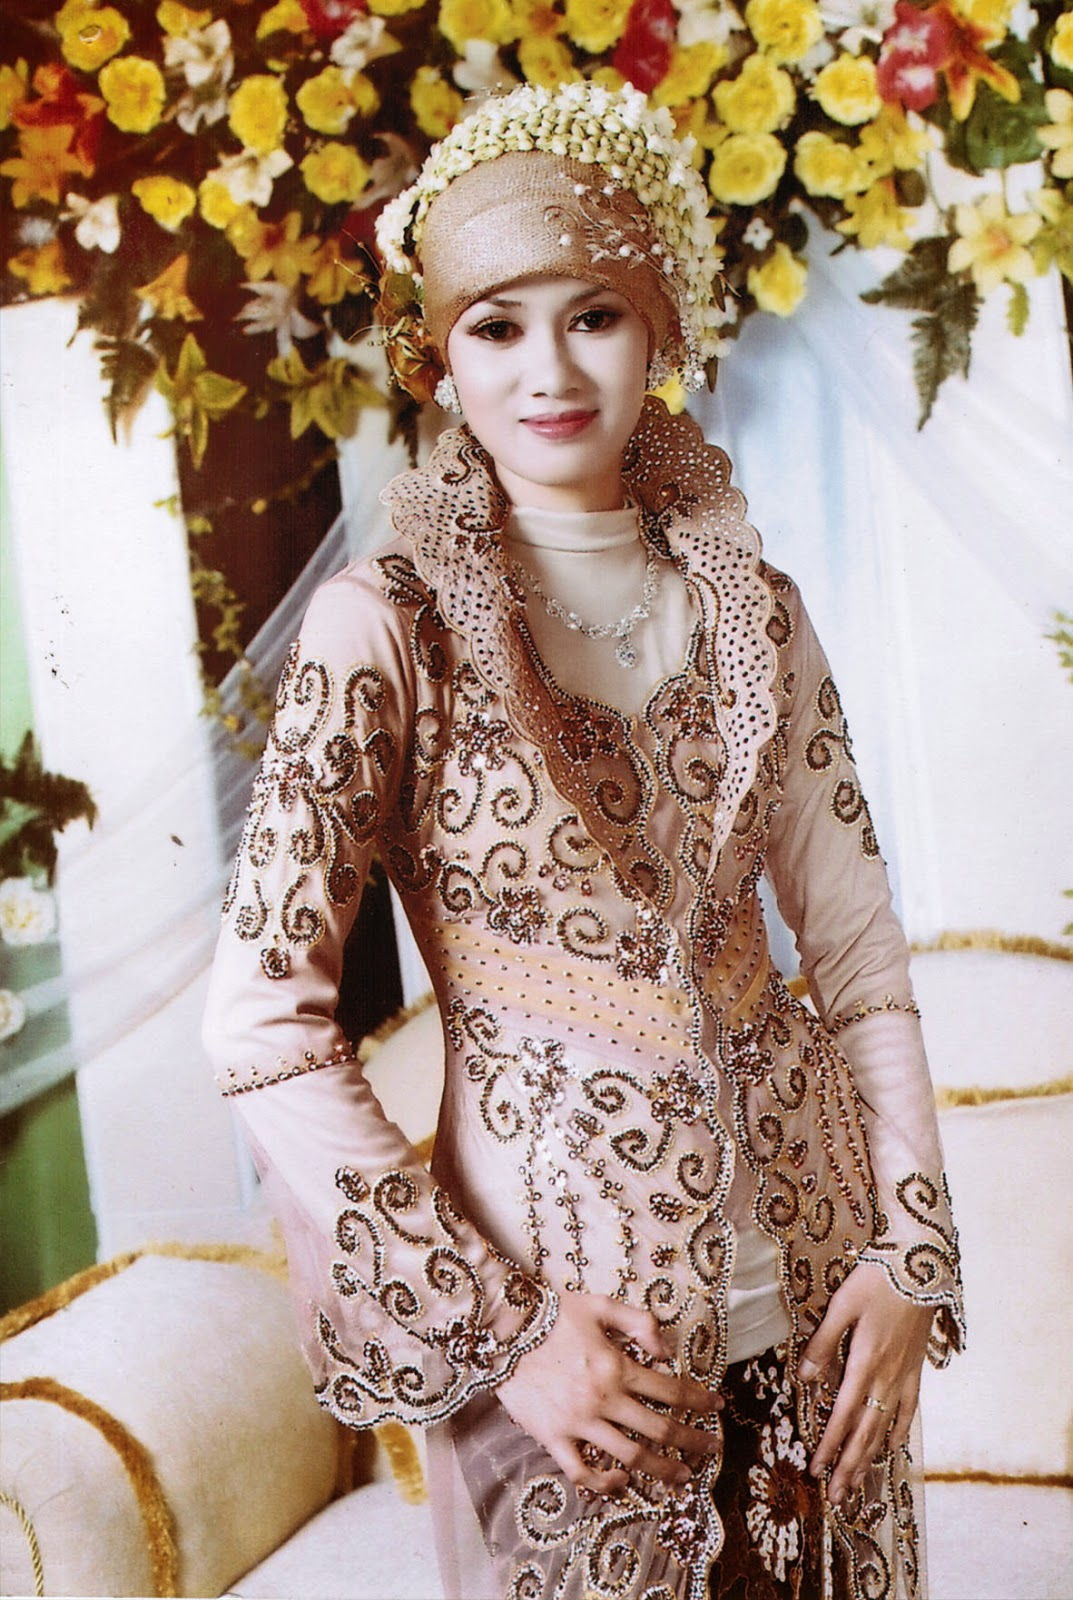 Gaun pengantin muslim modern model terbaru Gaun Pengantin Muslim Modern Model Terbaru